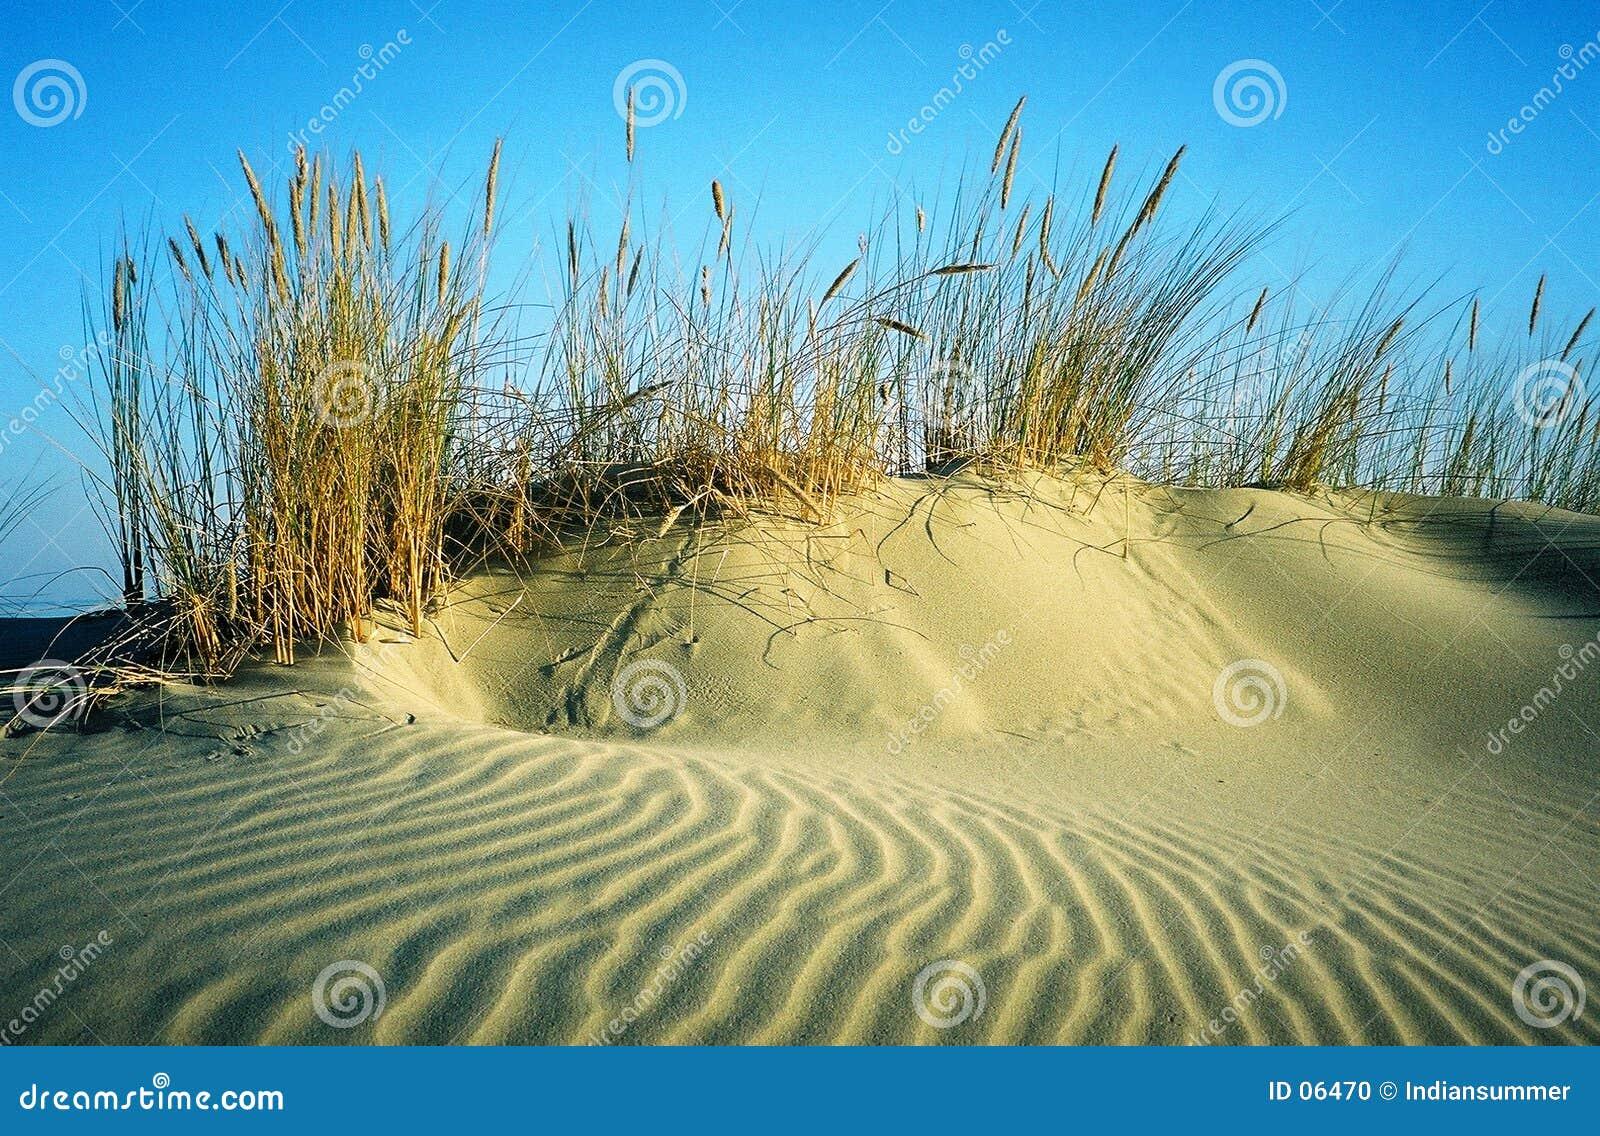 Sandhill bents